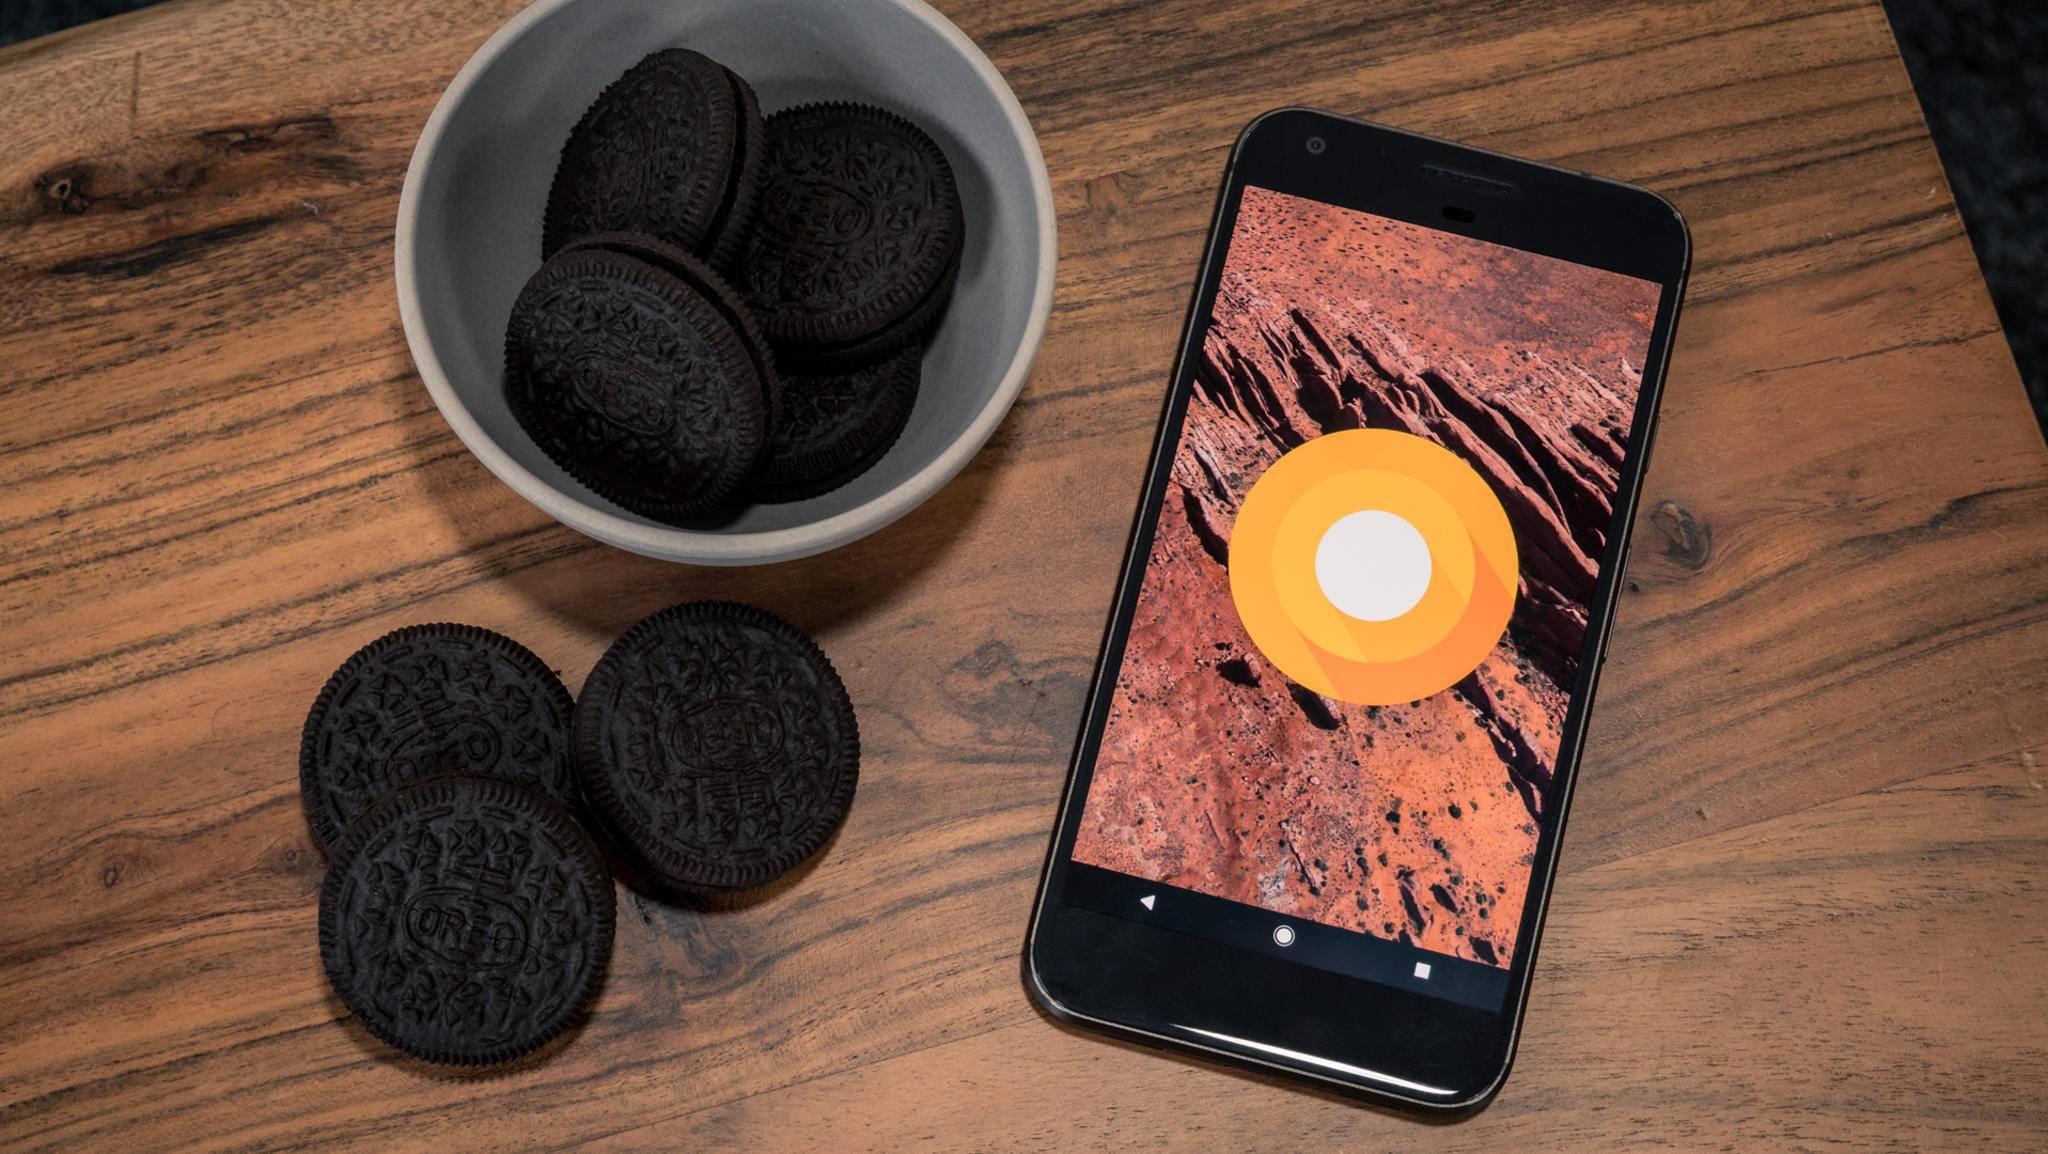 Android 8.1 soll dank eines neuen Features die Akkulaufzeit erhöhen.